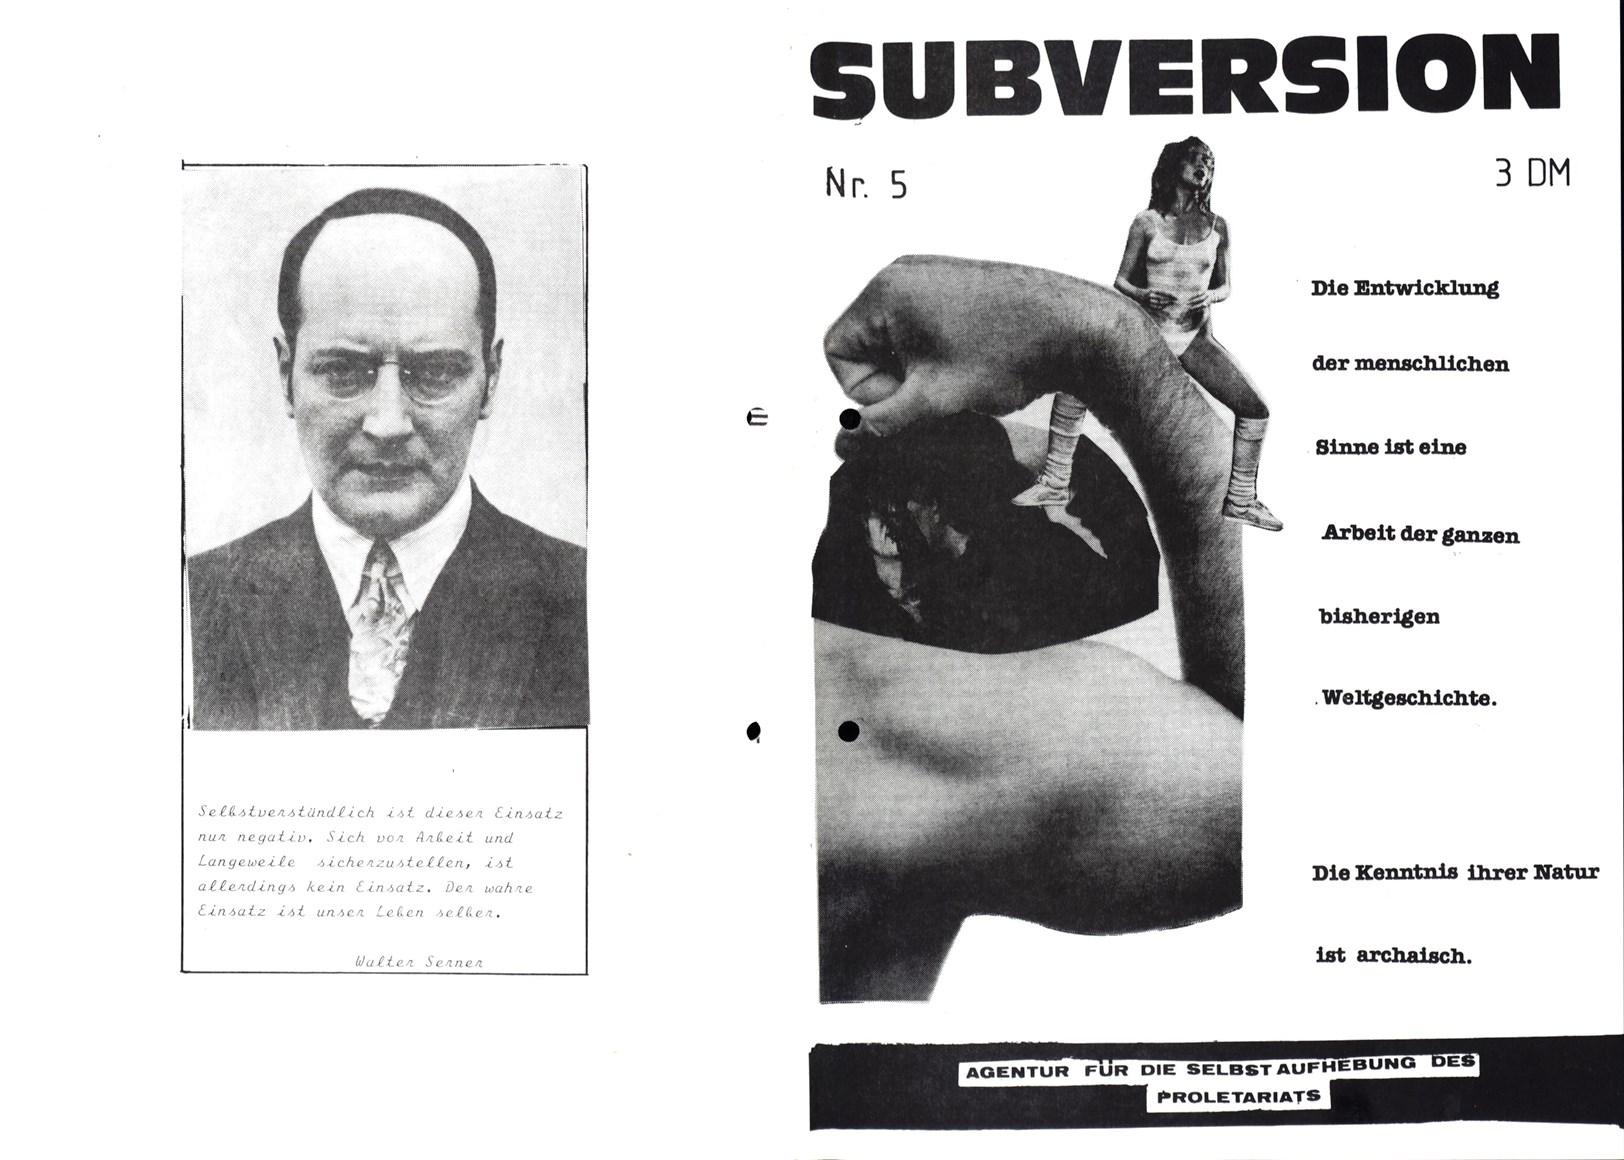 Subversion_19830600_01